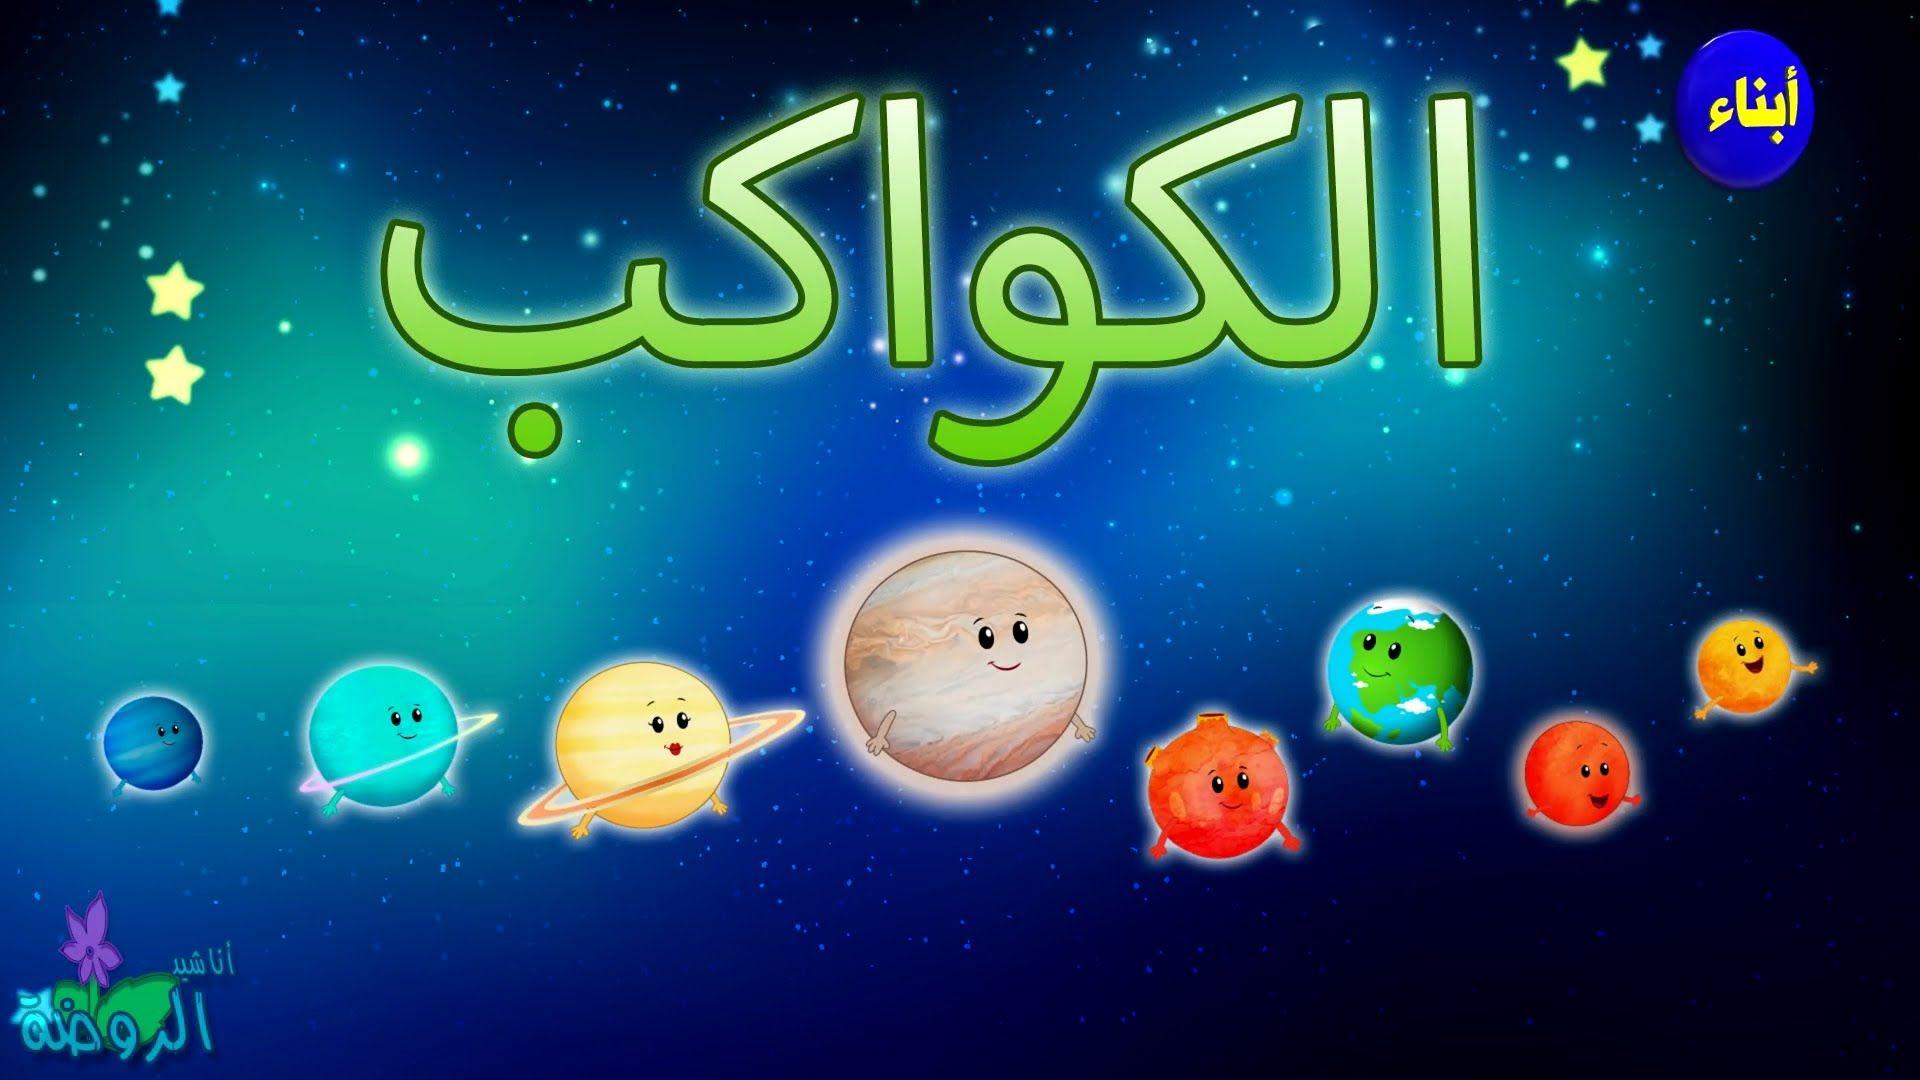 اناشيد الروضة هيا نتعلم نشيد كواكب المجموعة الشمسية بدون موسيقى بدون ايقاع Egyptian Gods Arabic Lessons Neon Signs